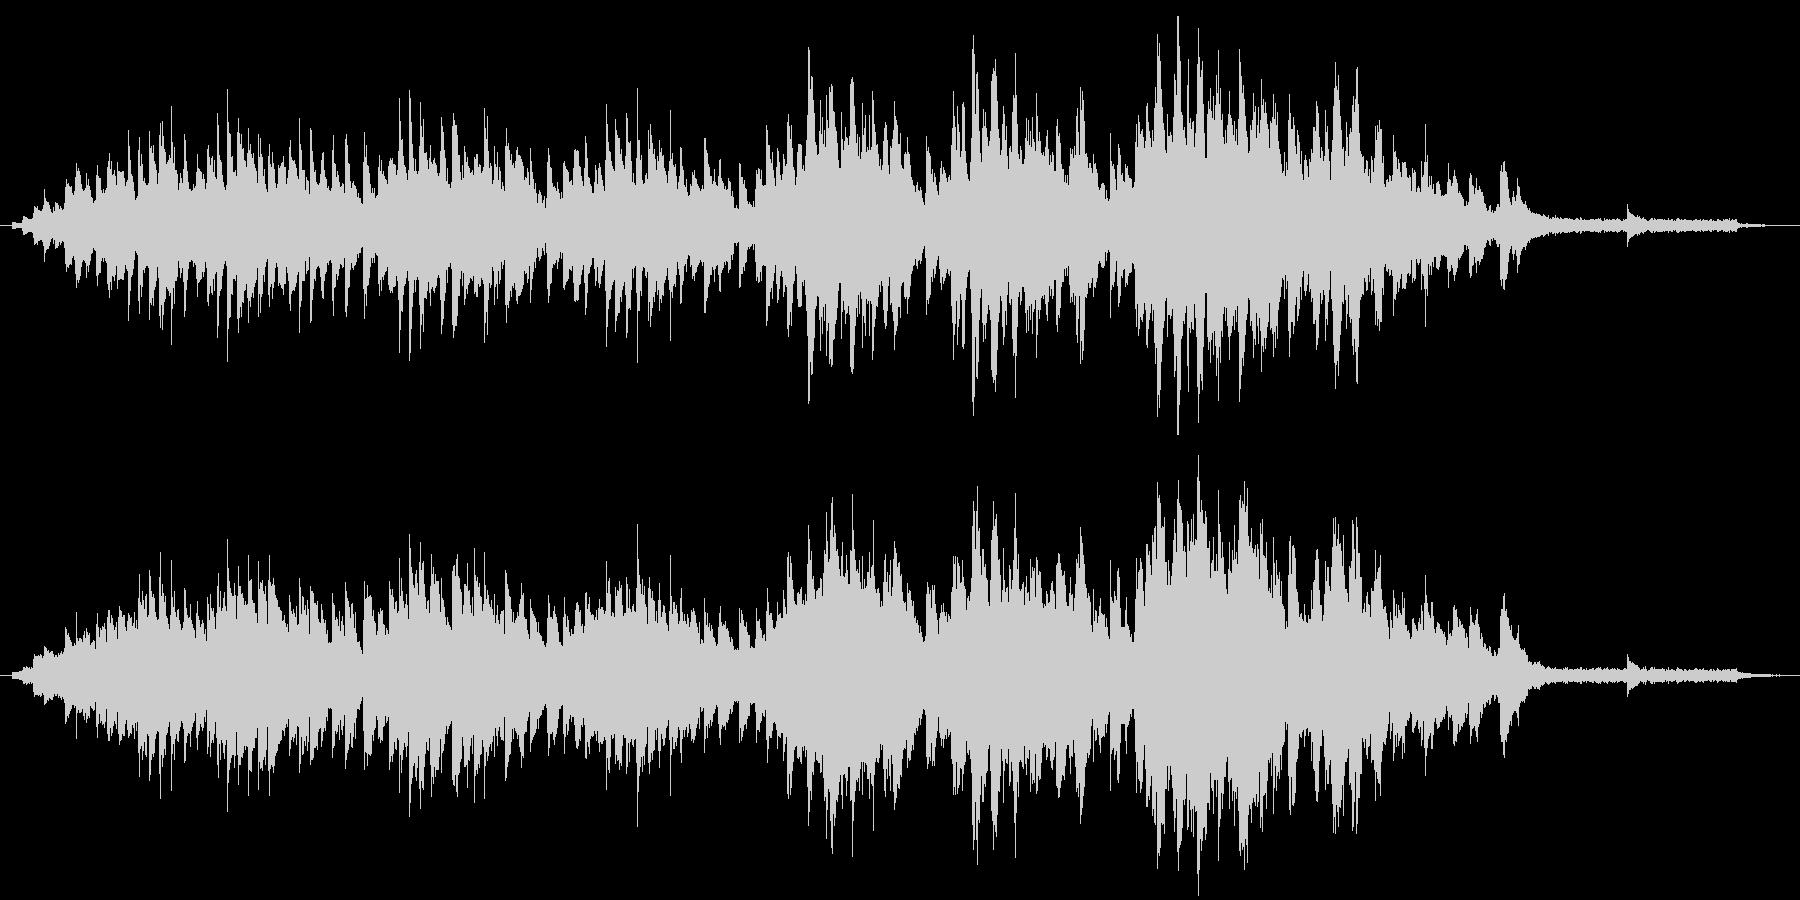 木枯らし吹く秋の風景のピアノソロの未再生の波形